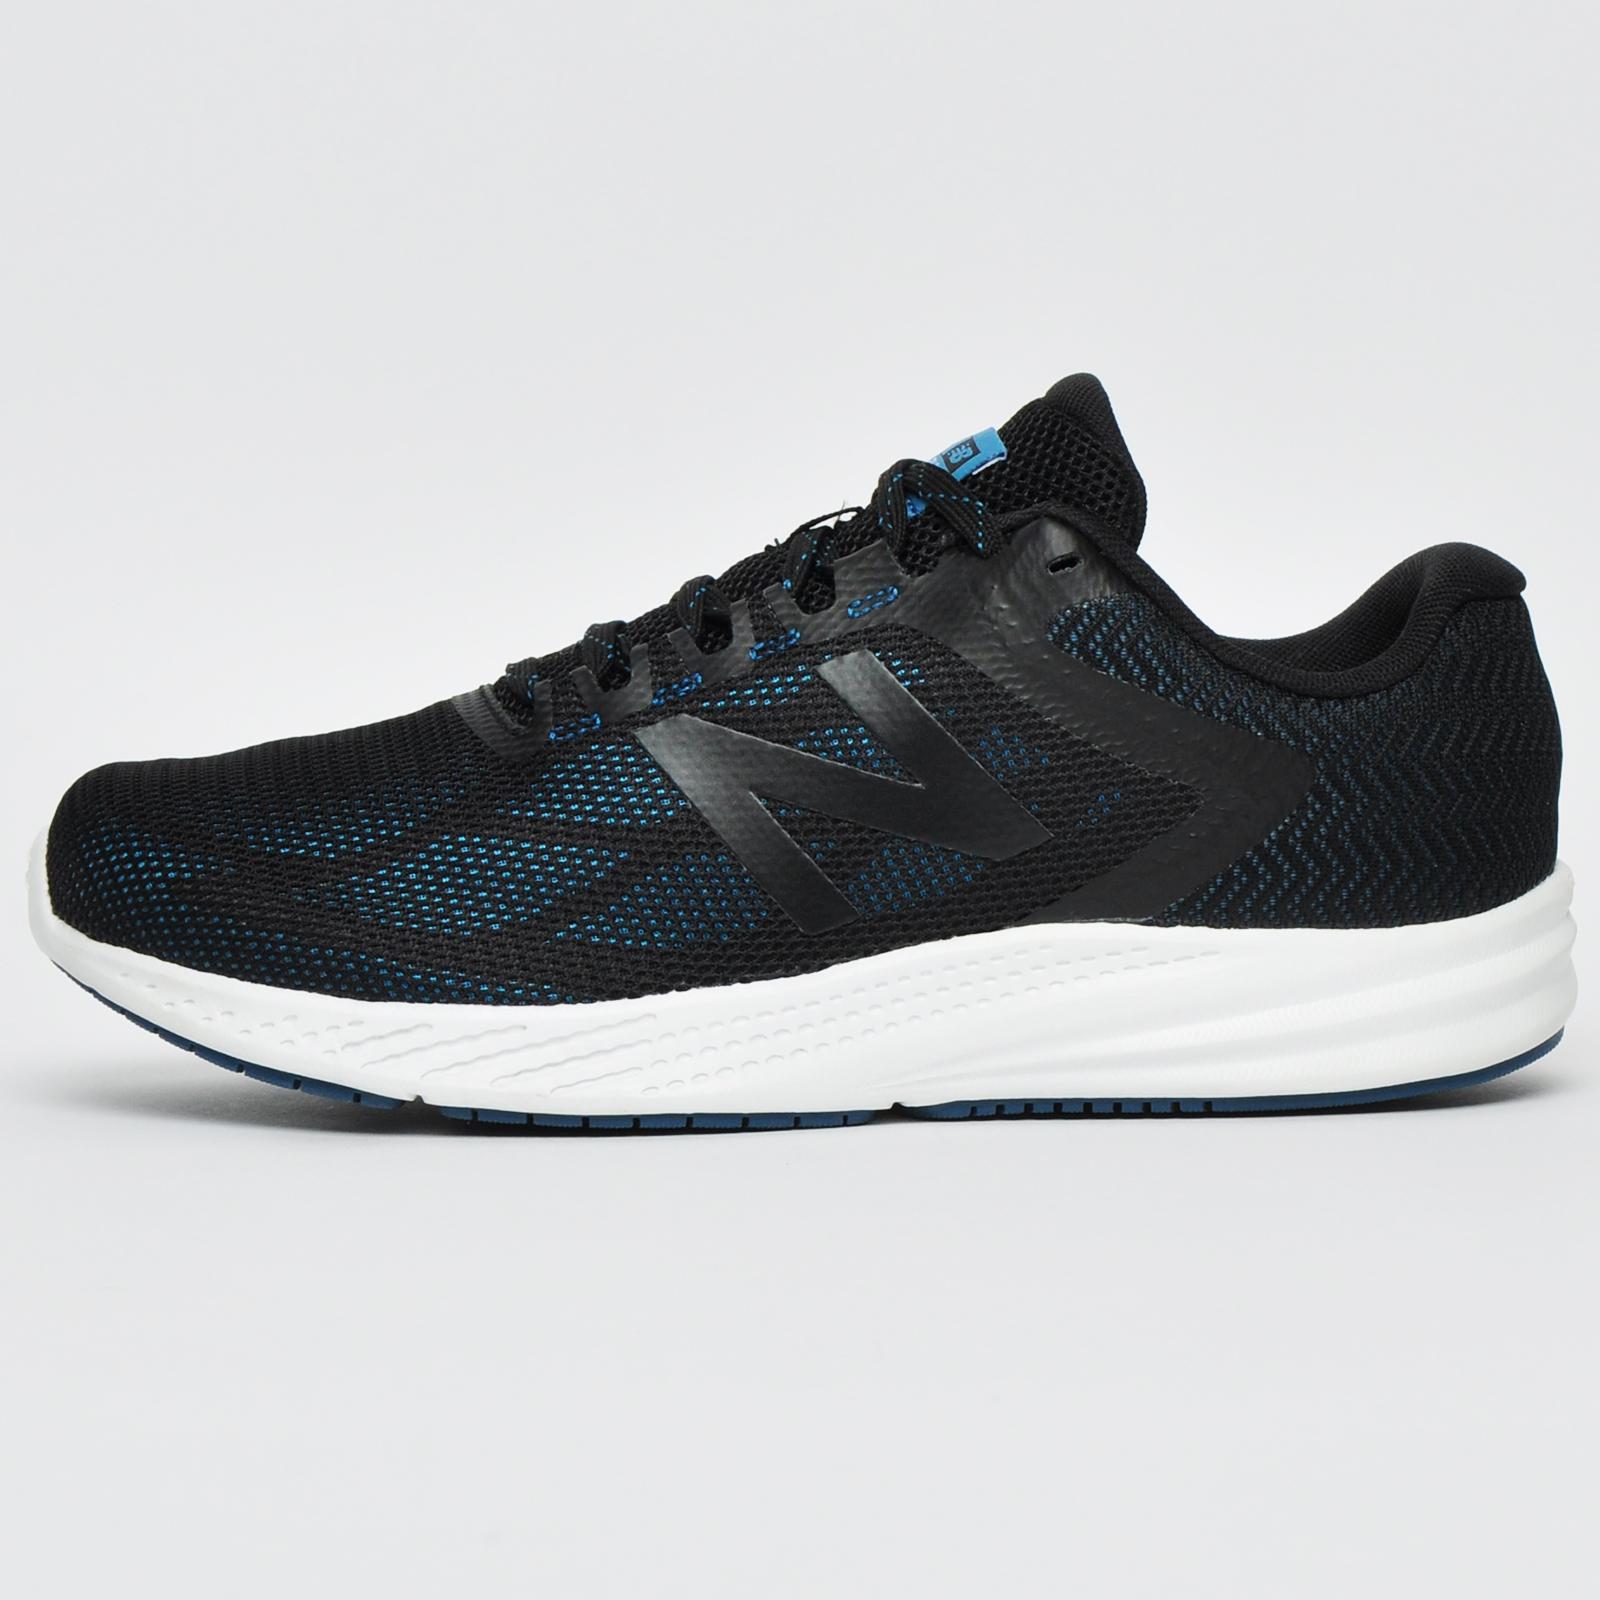 mens mizuno running shoes size 9.5 eu wow wow acordes